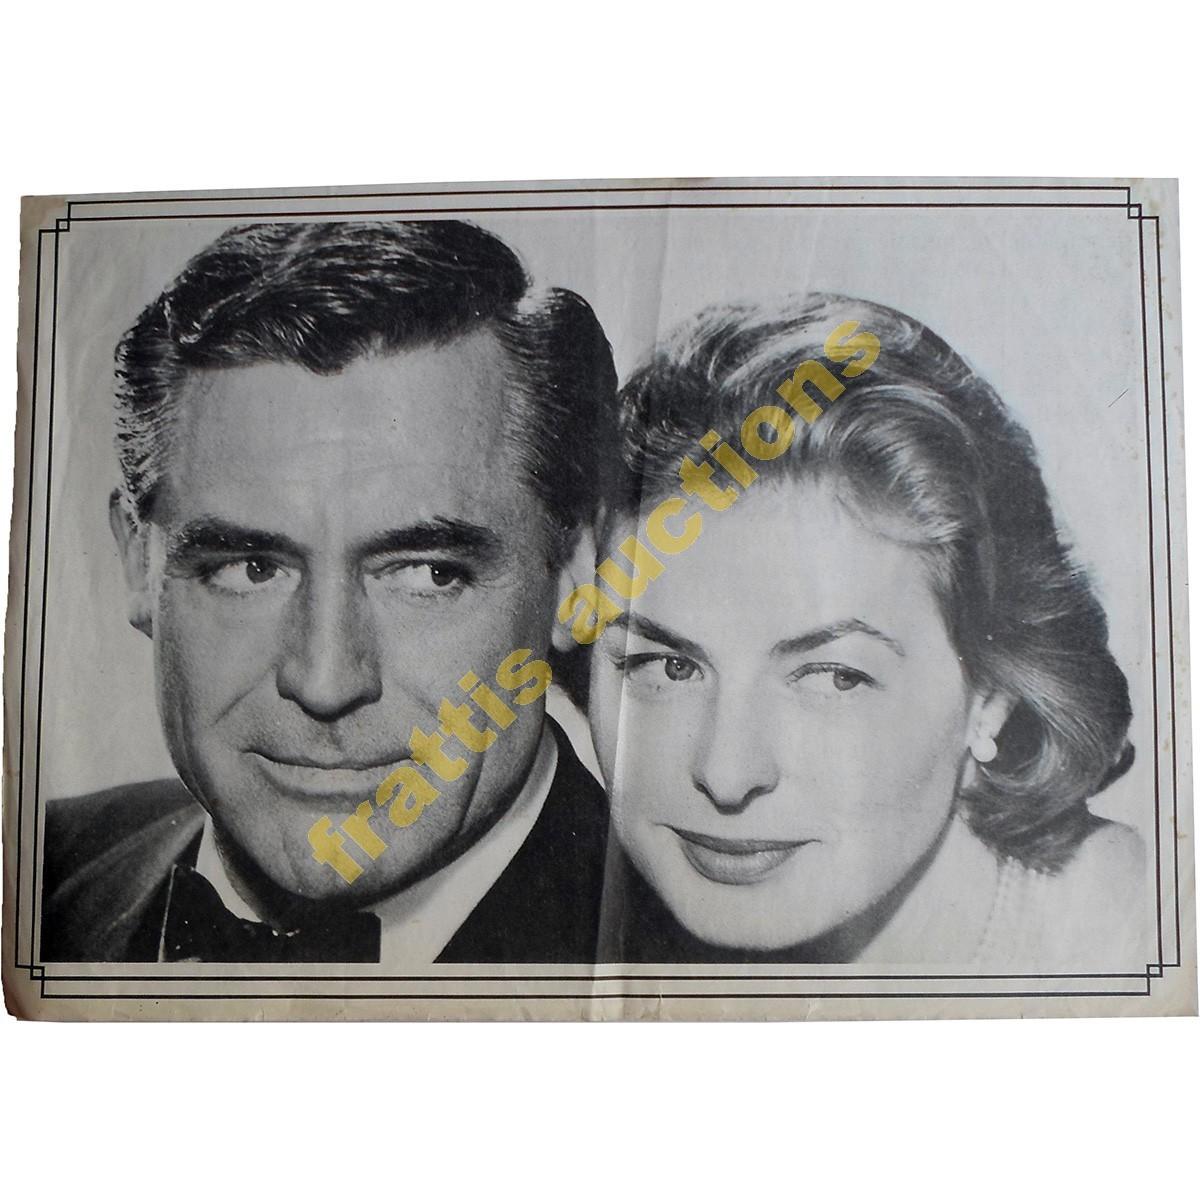 Ίνγκριντ Μπέργκμαν και Κάρι Γκραντ, poster.